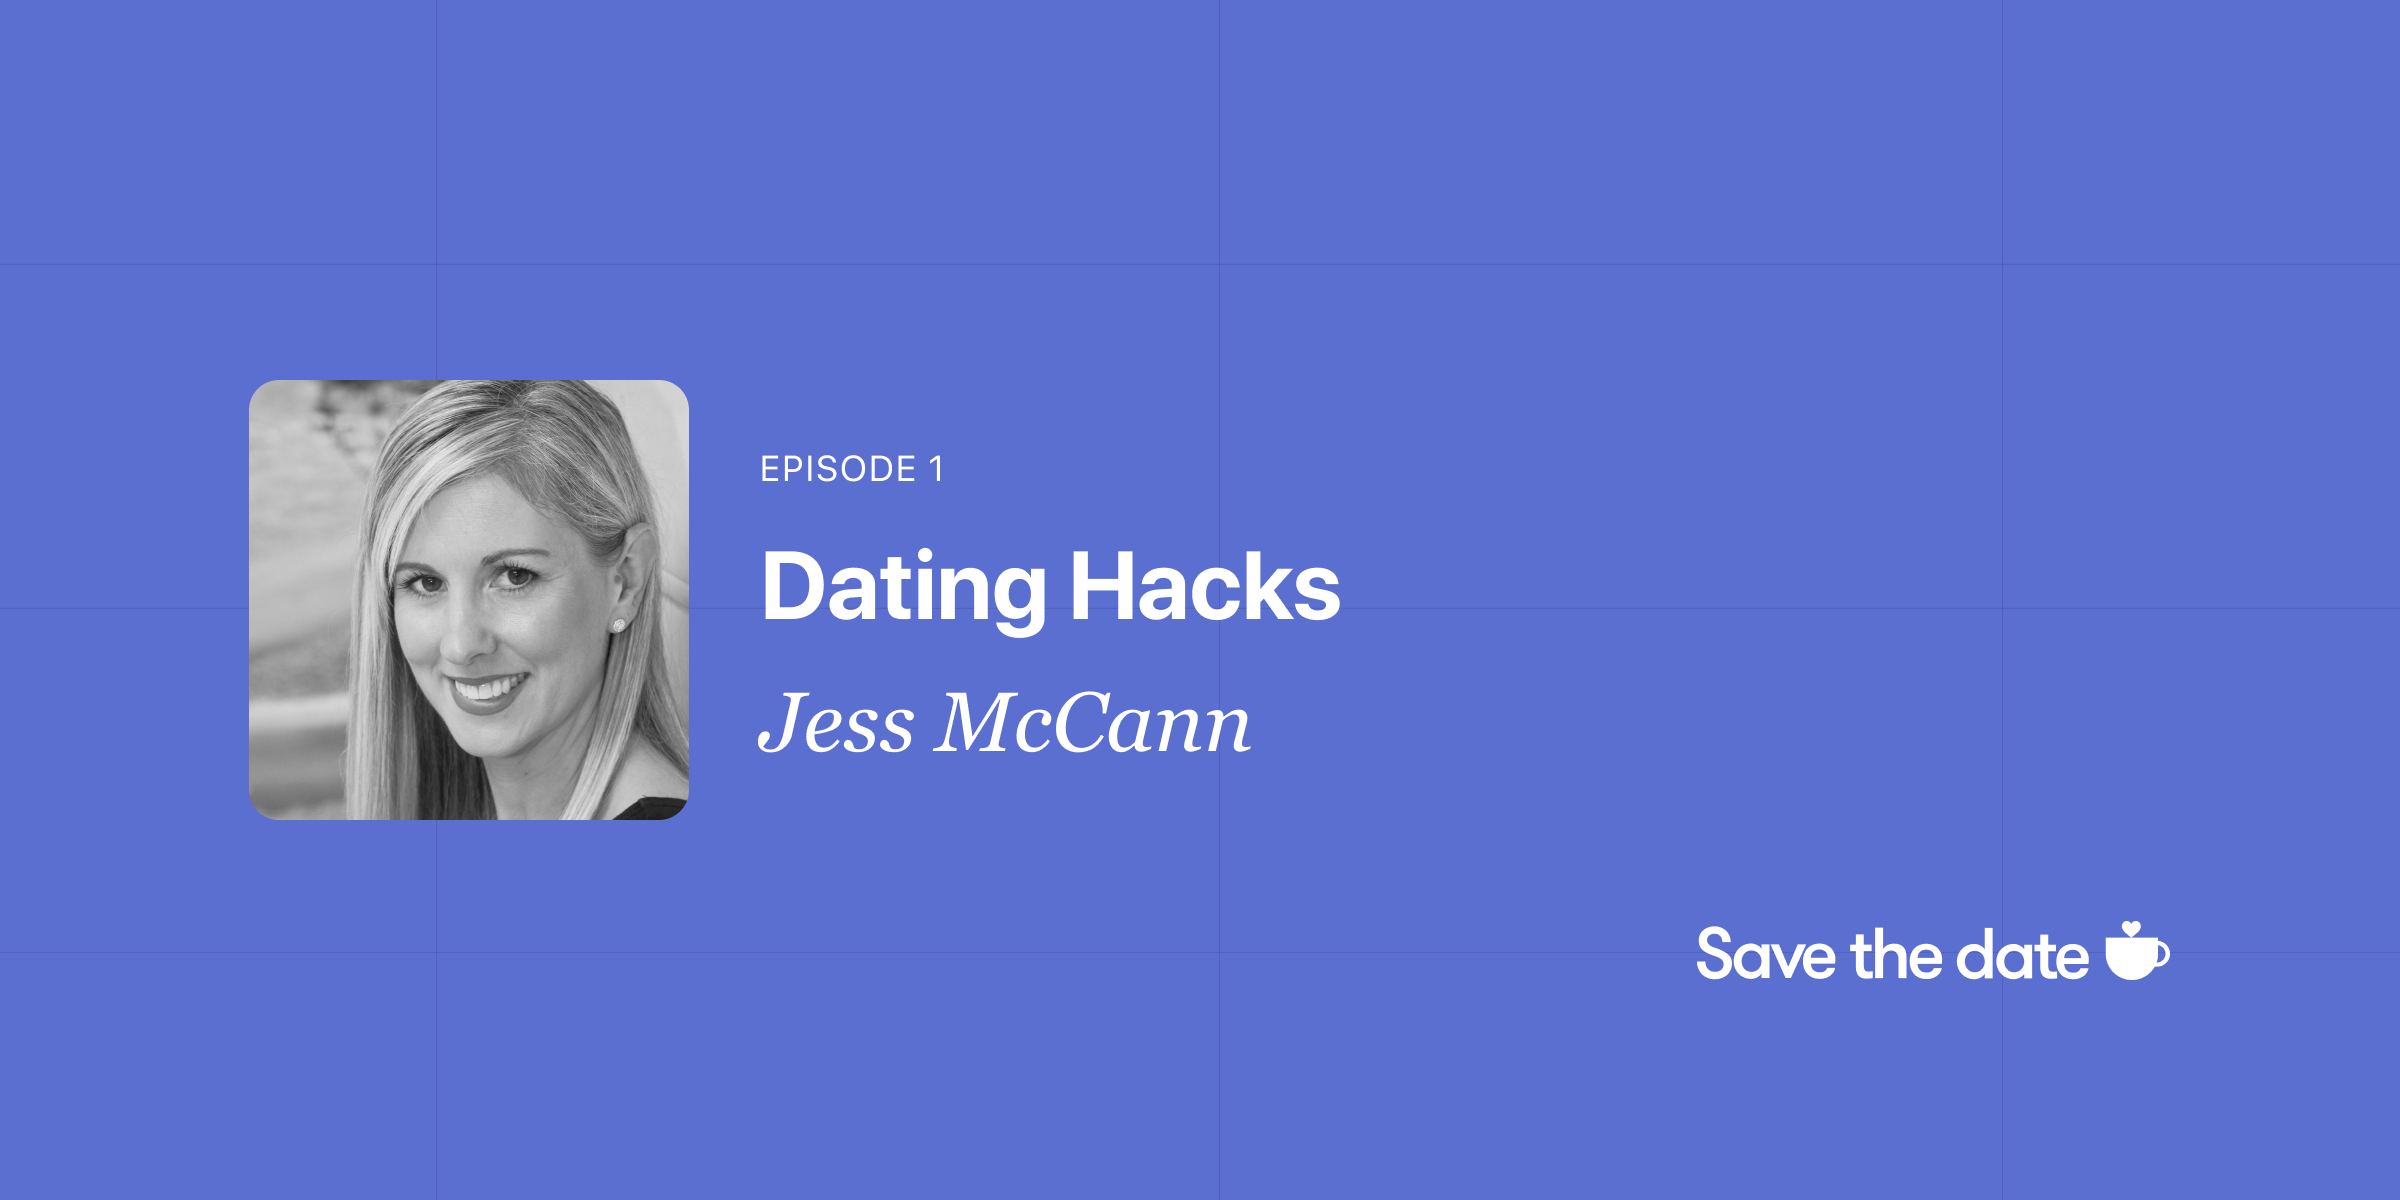 Jess McCann, Episode 1